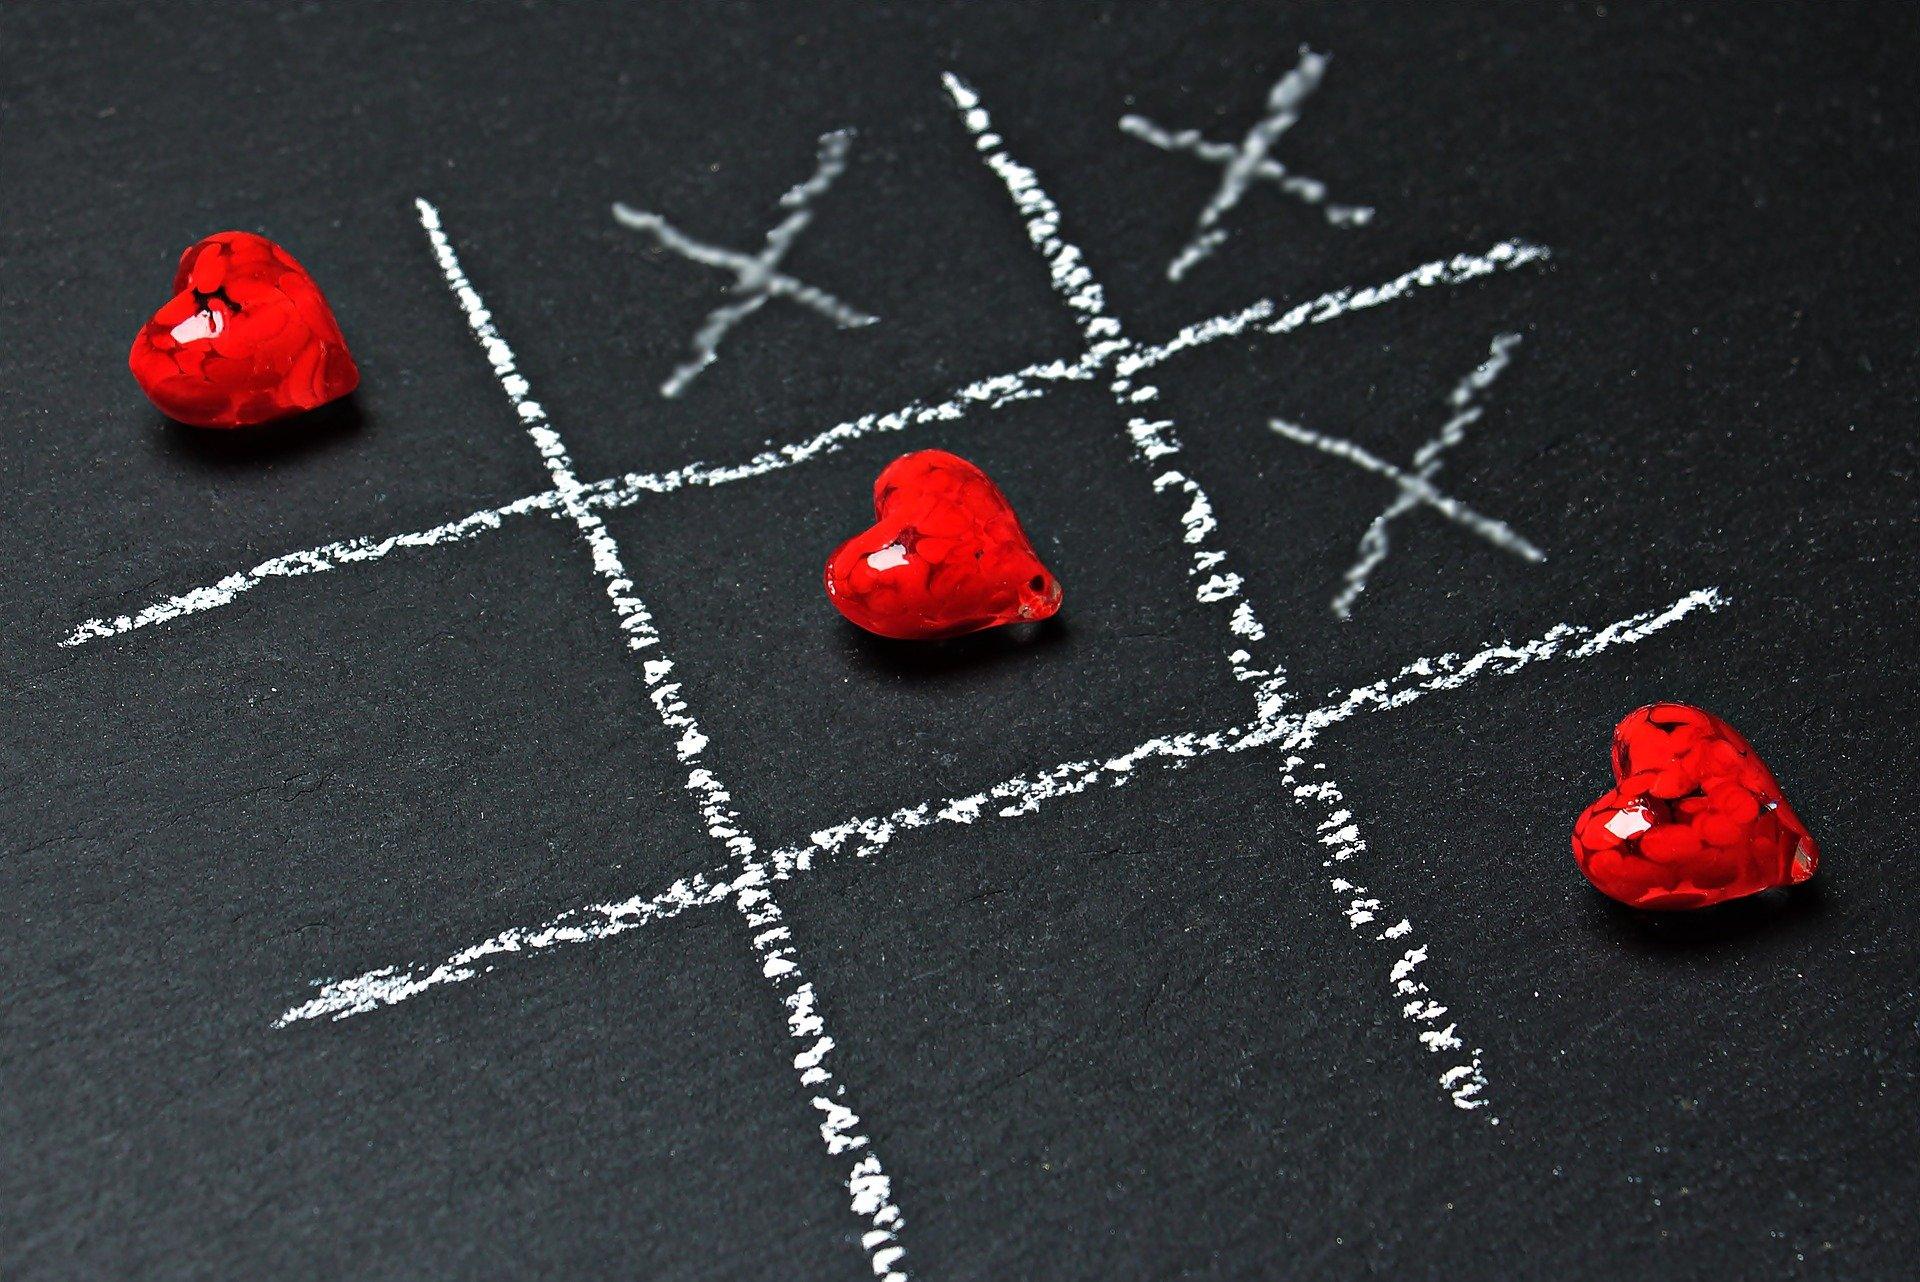 Hoe krijg je meer zelfvertrouwen in de liefde?